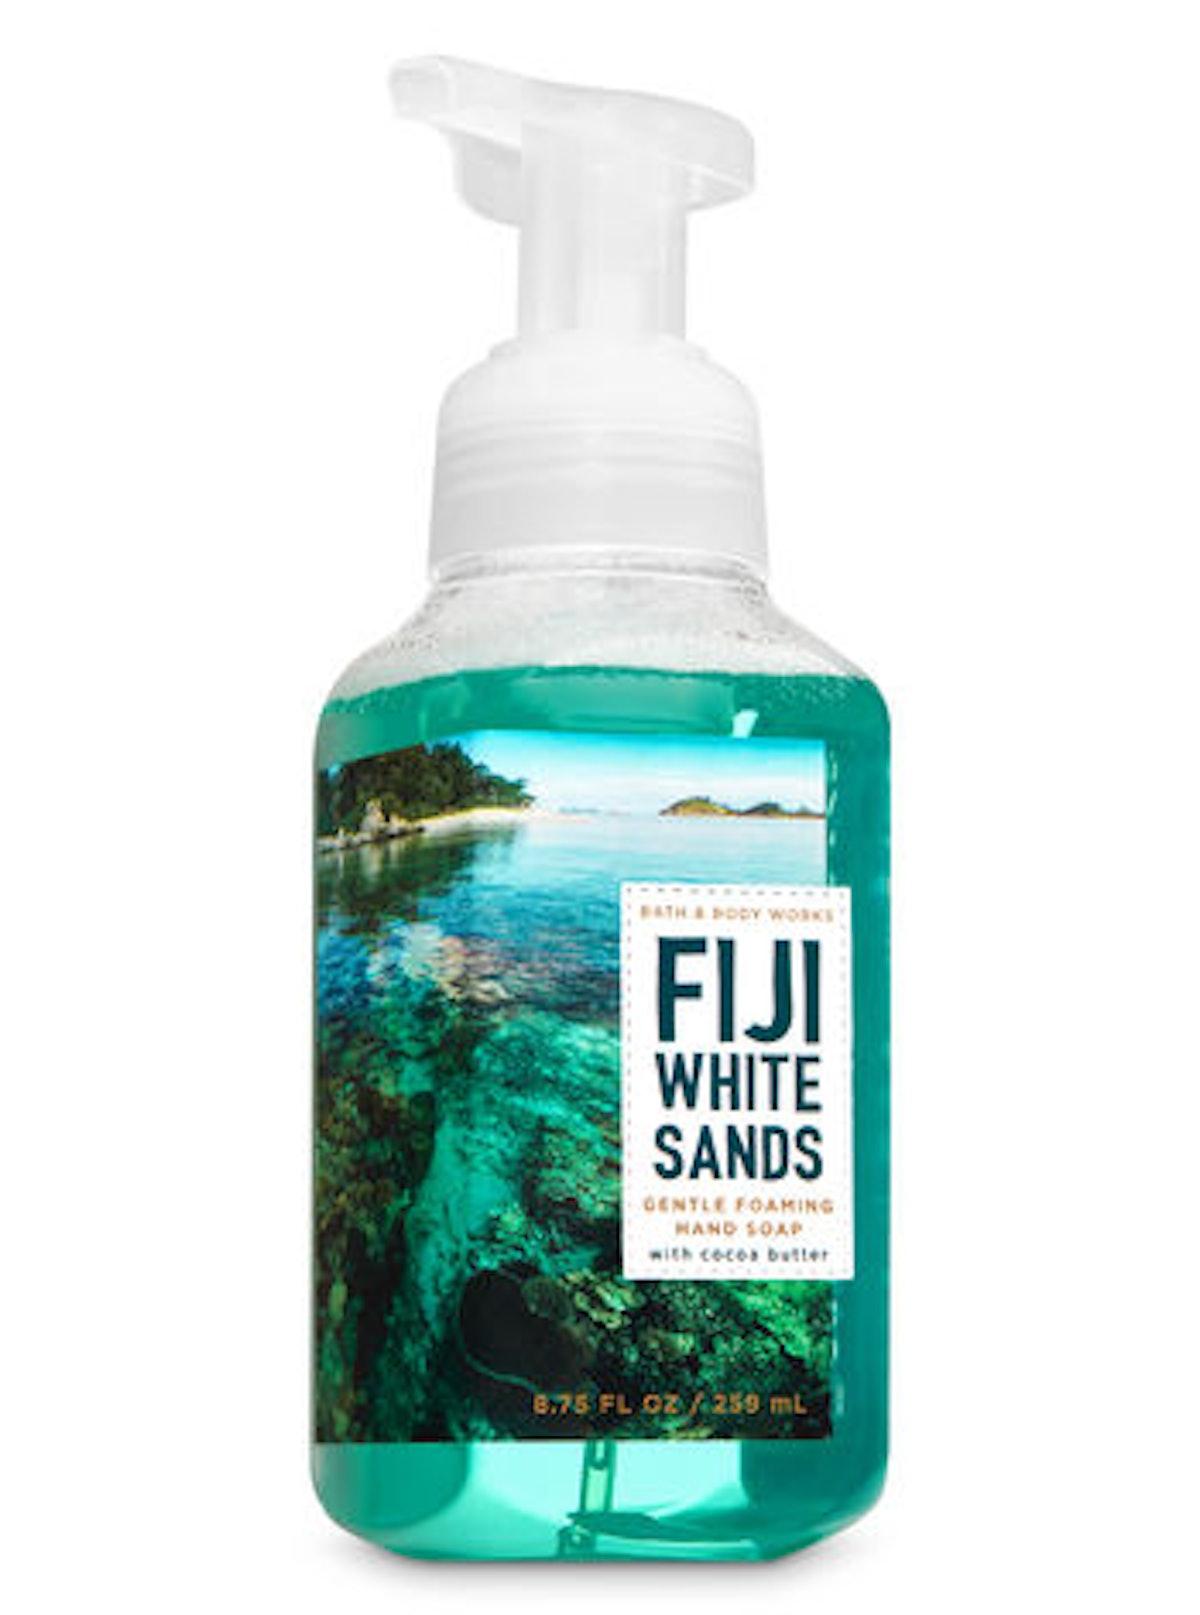 FIJI WHITE SANDS Gentle Foaming Hand Soap